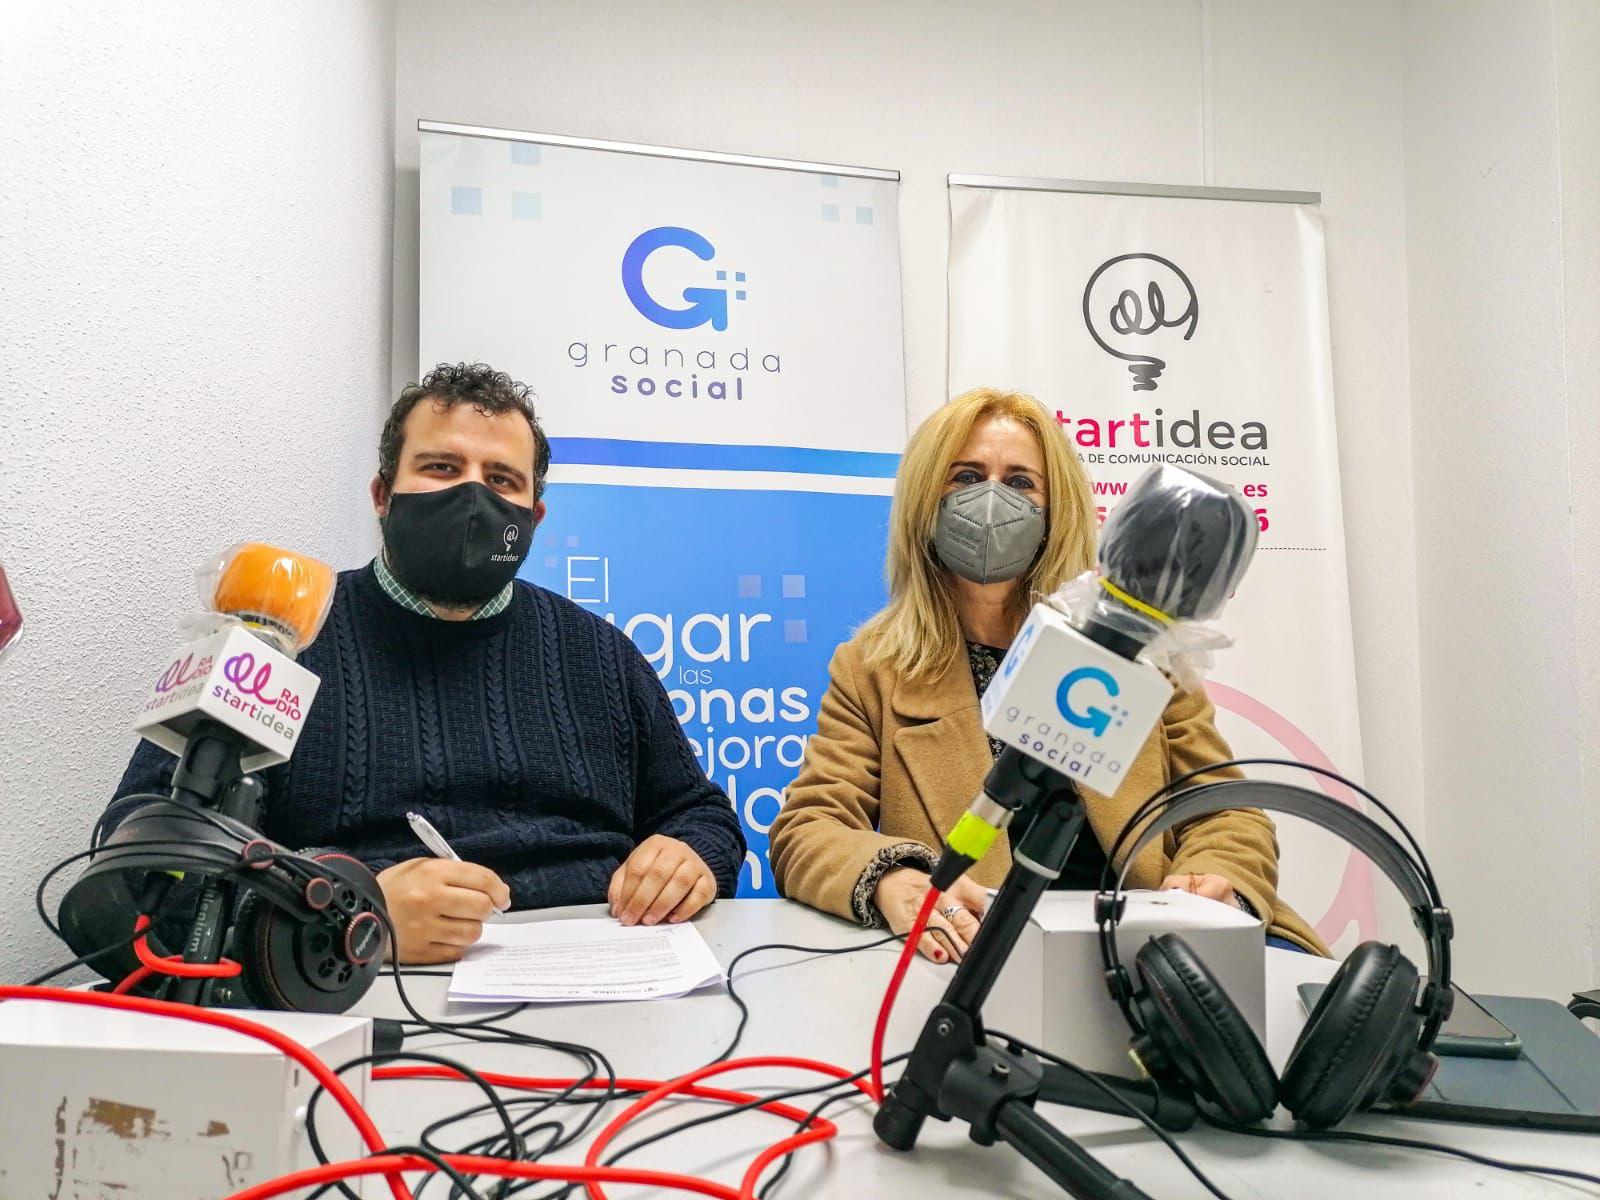 La Asociación Mujeres Con Iniciativa y Startidea firman un convenio para promover y difundir el emprendimiento femenino y diferentes acciones sociales a través de Granada Social